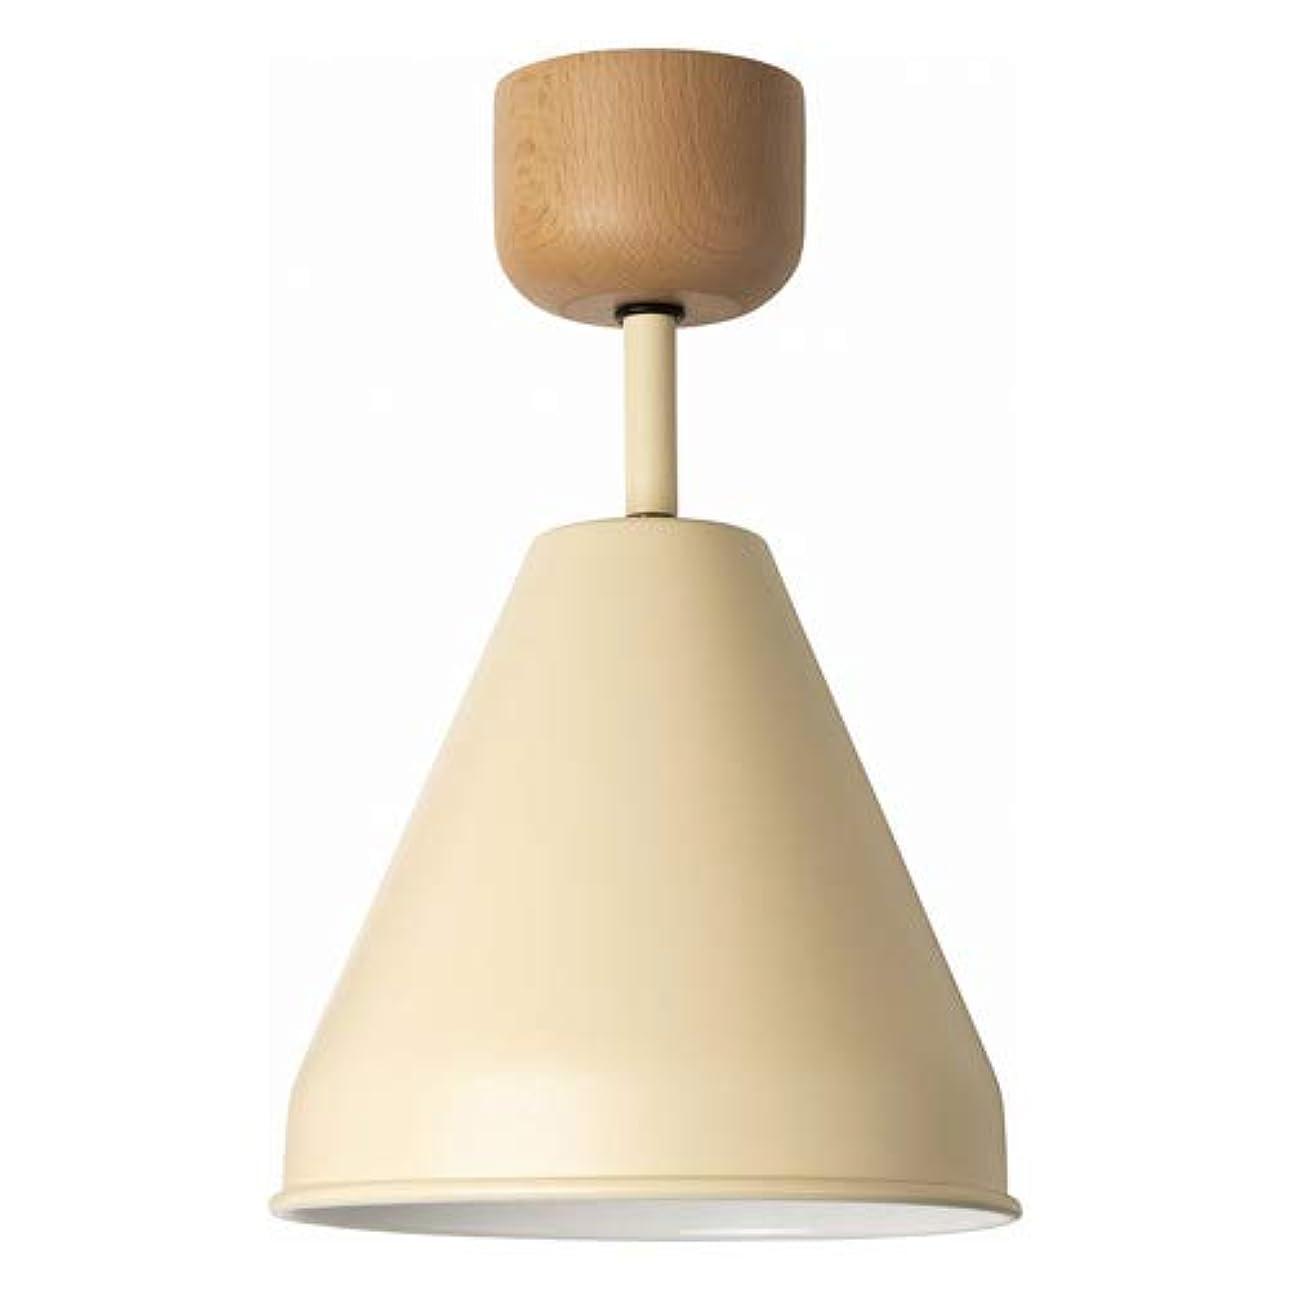 レプリカ豚禁輸カラー&ウッド 1灯 シーリングランプ(電球あり) COLOR&WOOD CEILING LAMP 1BULB 001842 (クリーム)